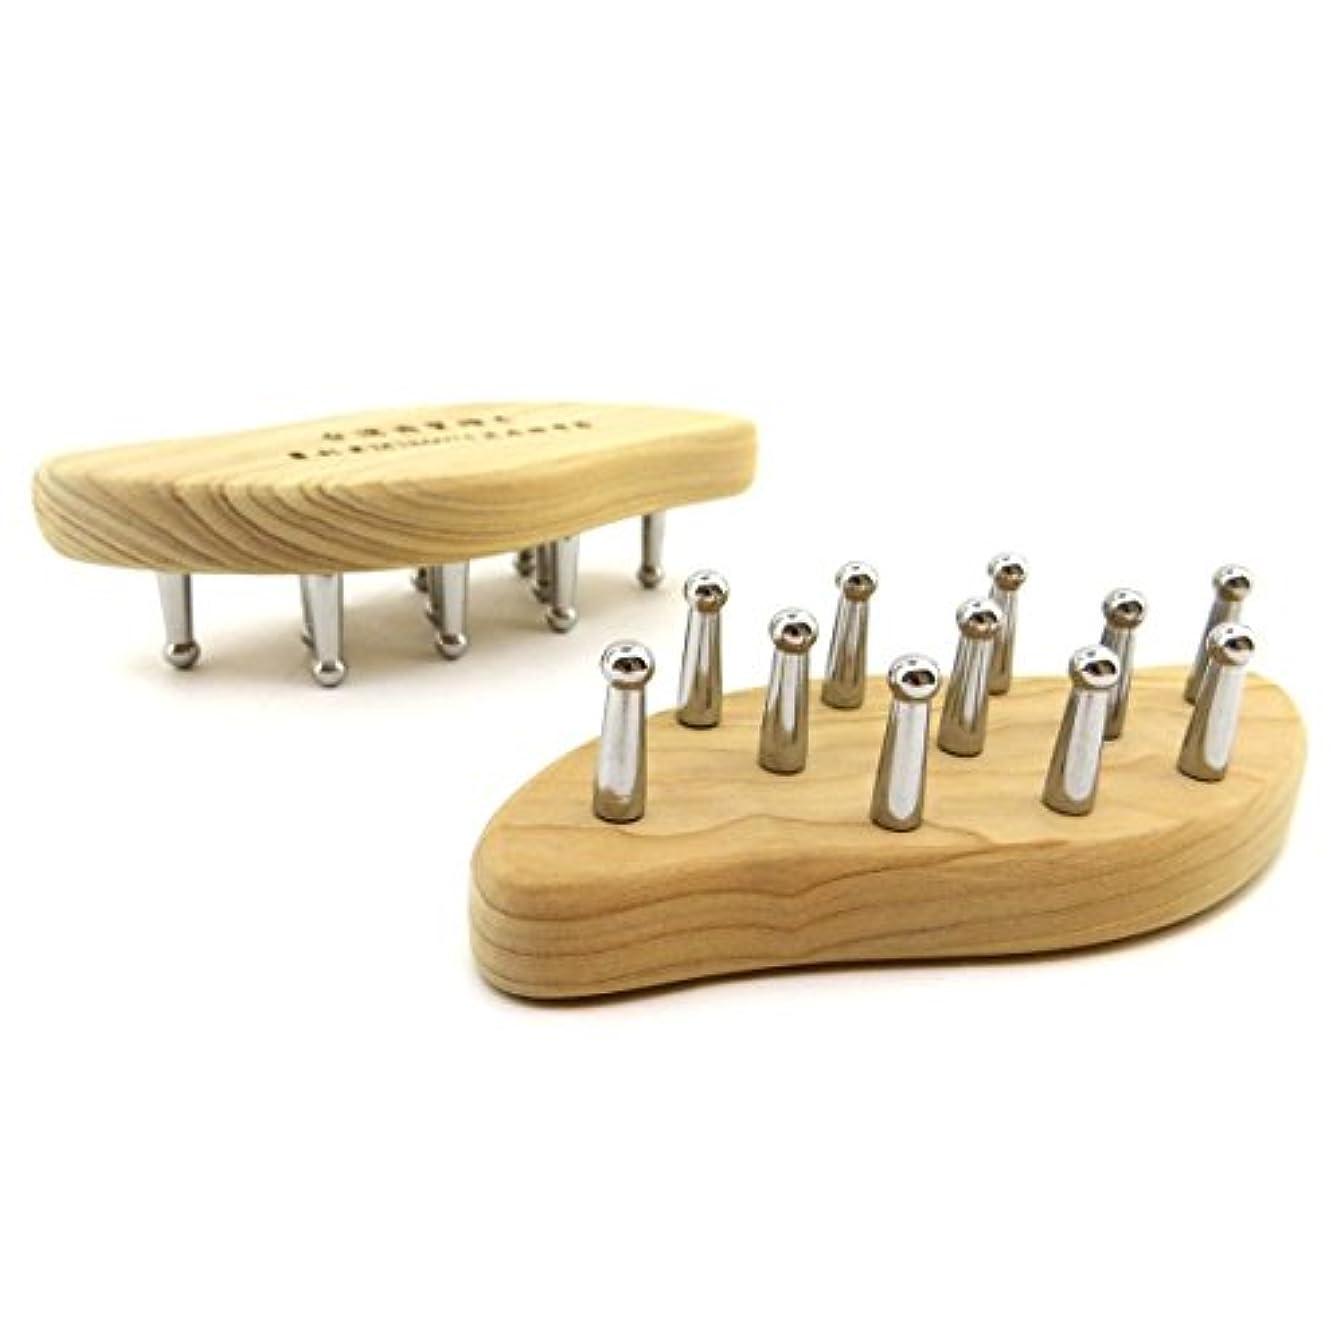 学んだ商人溢れんばかりのかっさ 無痕かっさ板 S型 手づかみタイプ 台湾檜木製 かっさプレート